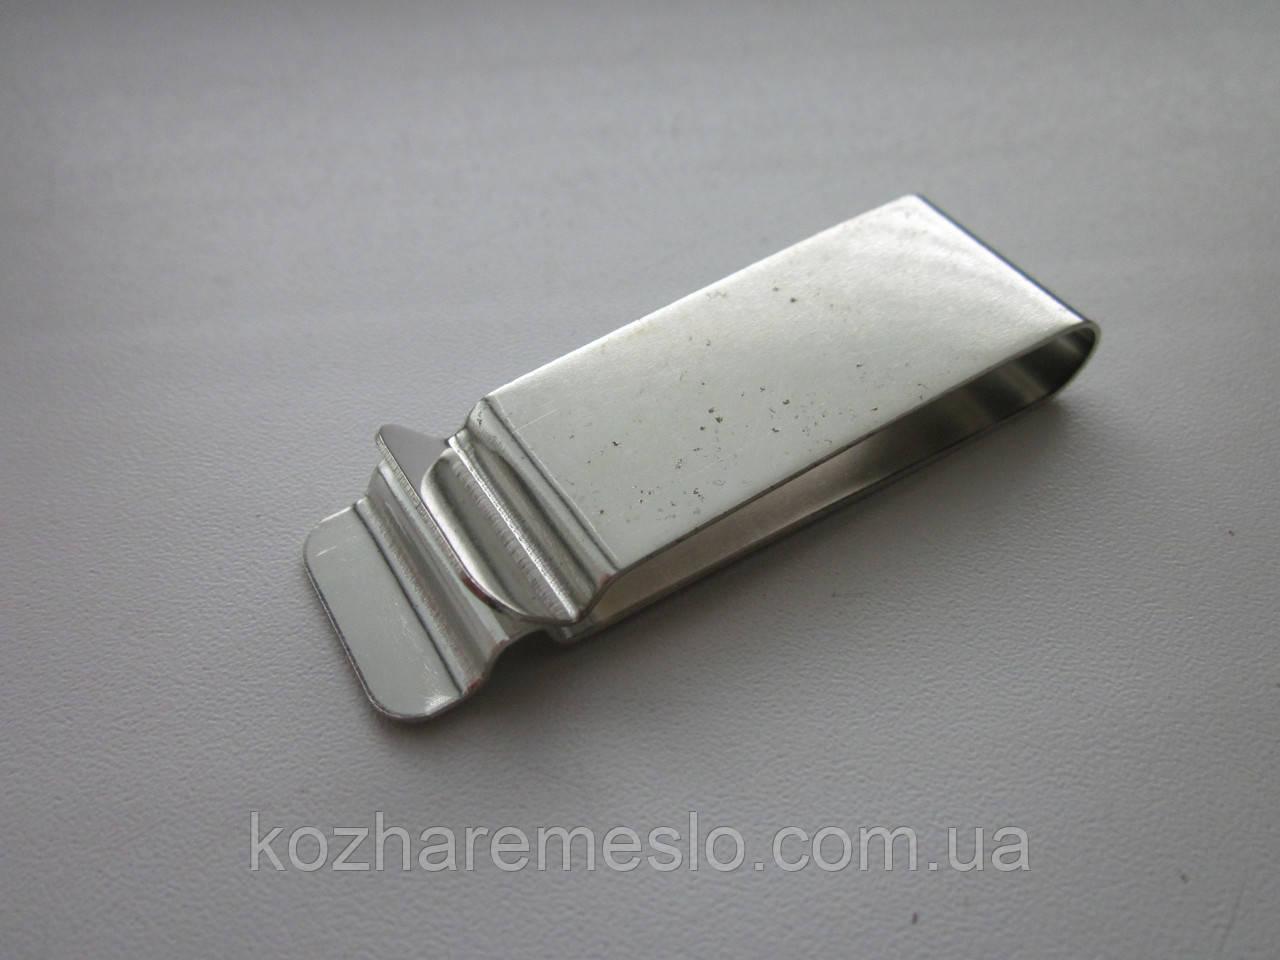 Скоба кобурная 70 х 22 мм никель